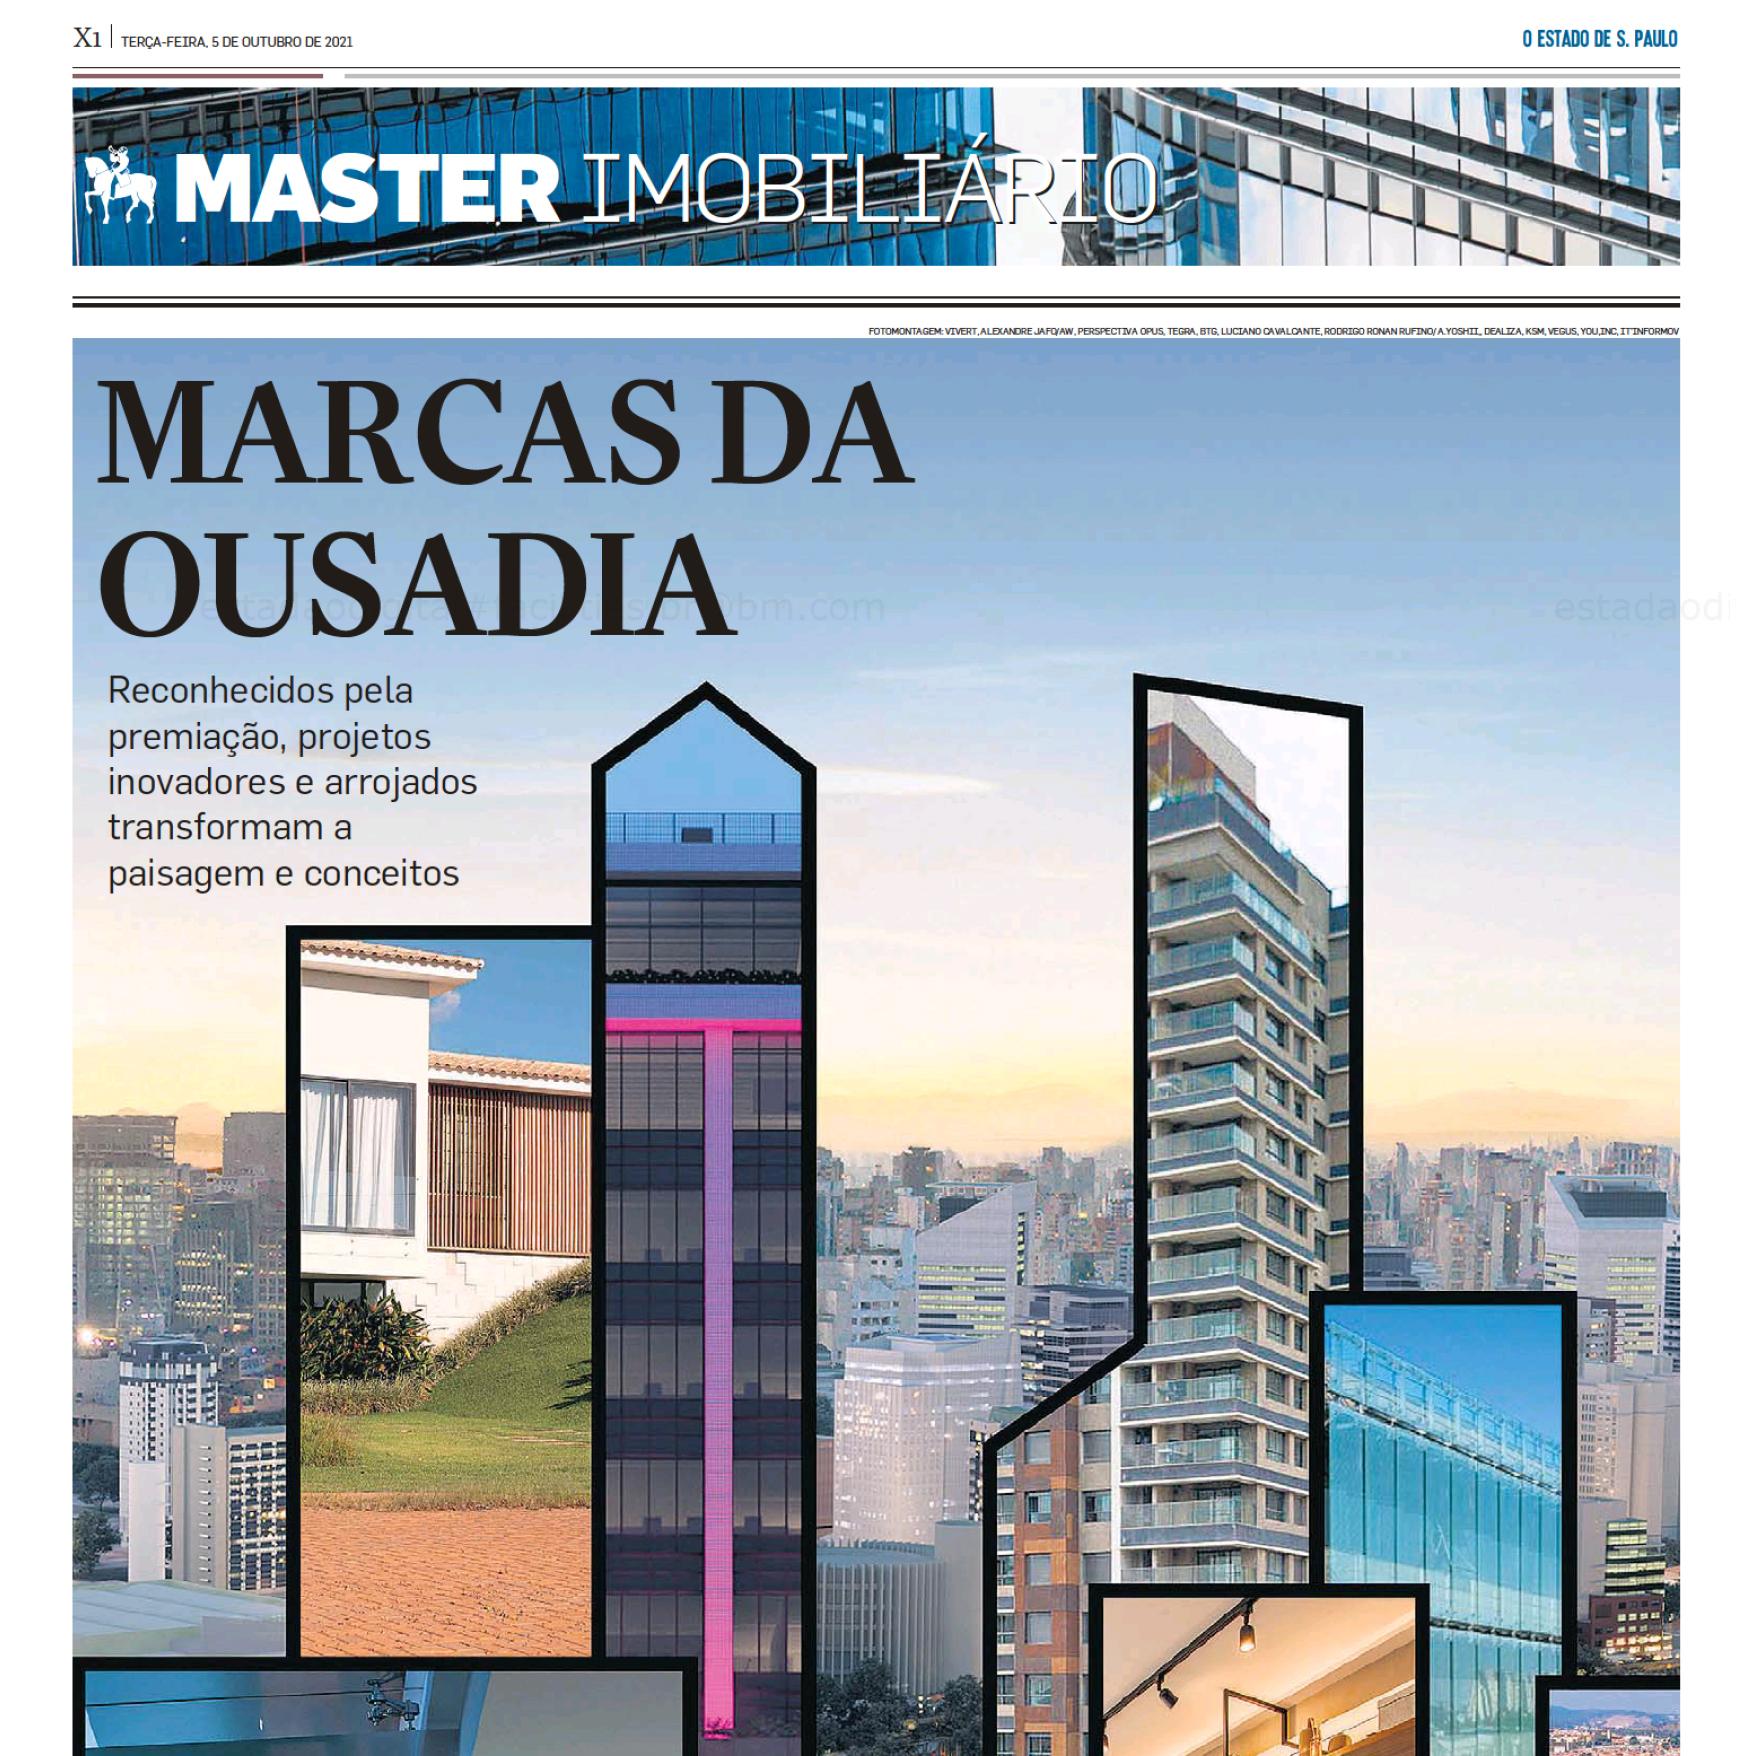 Grande parceiro do Master Imobiliário, o jornal Estadão publicou hoje o caderno especial da premiação.